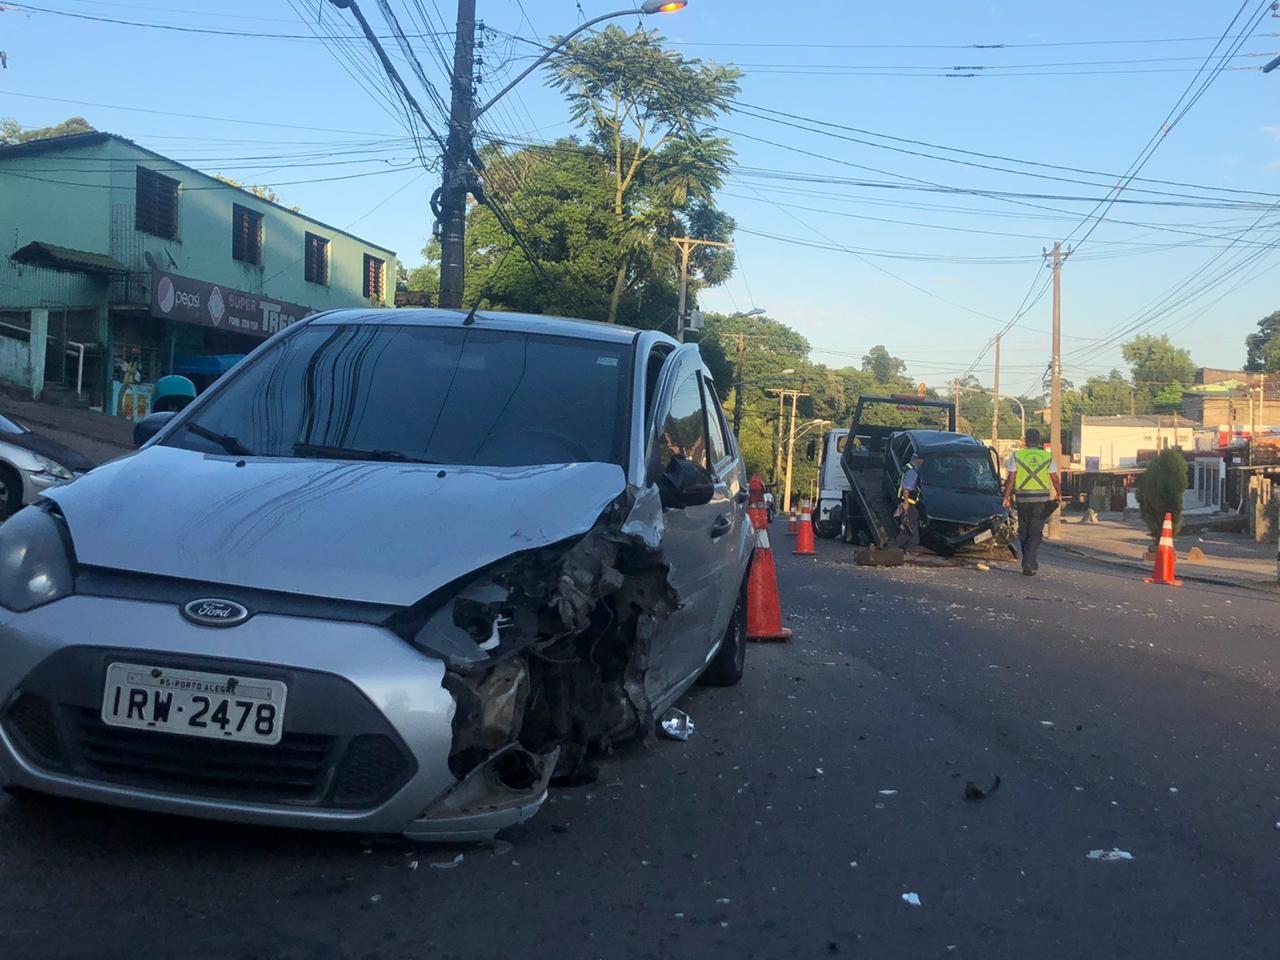 Colisão entre dois carros deixa sete pessoas feridas em Porto Alegre